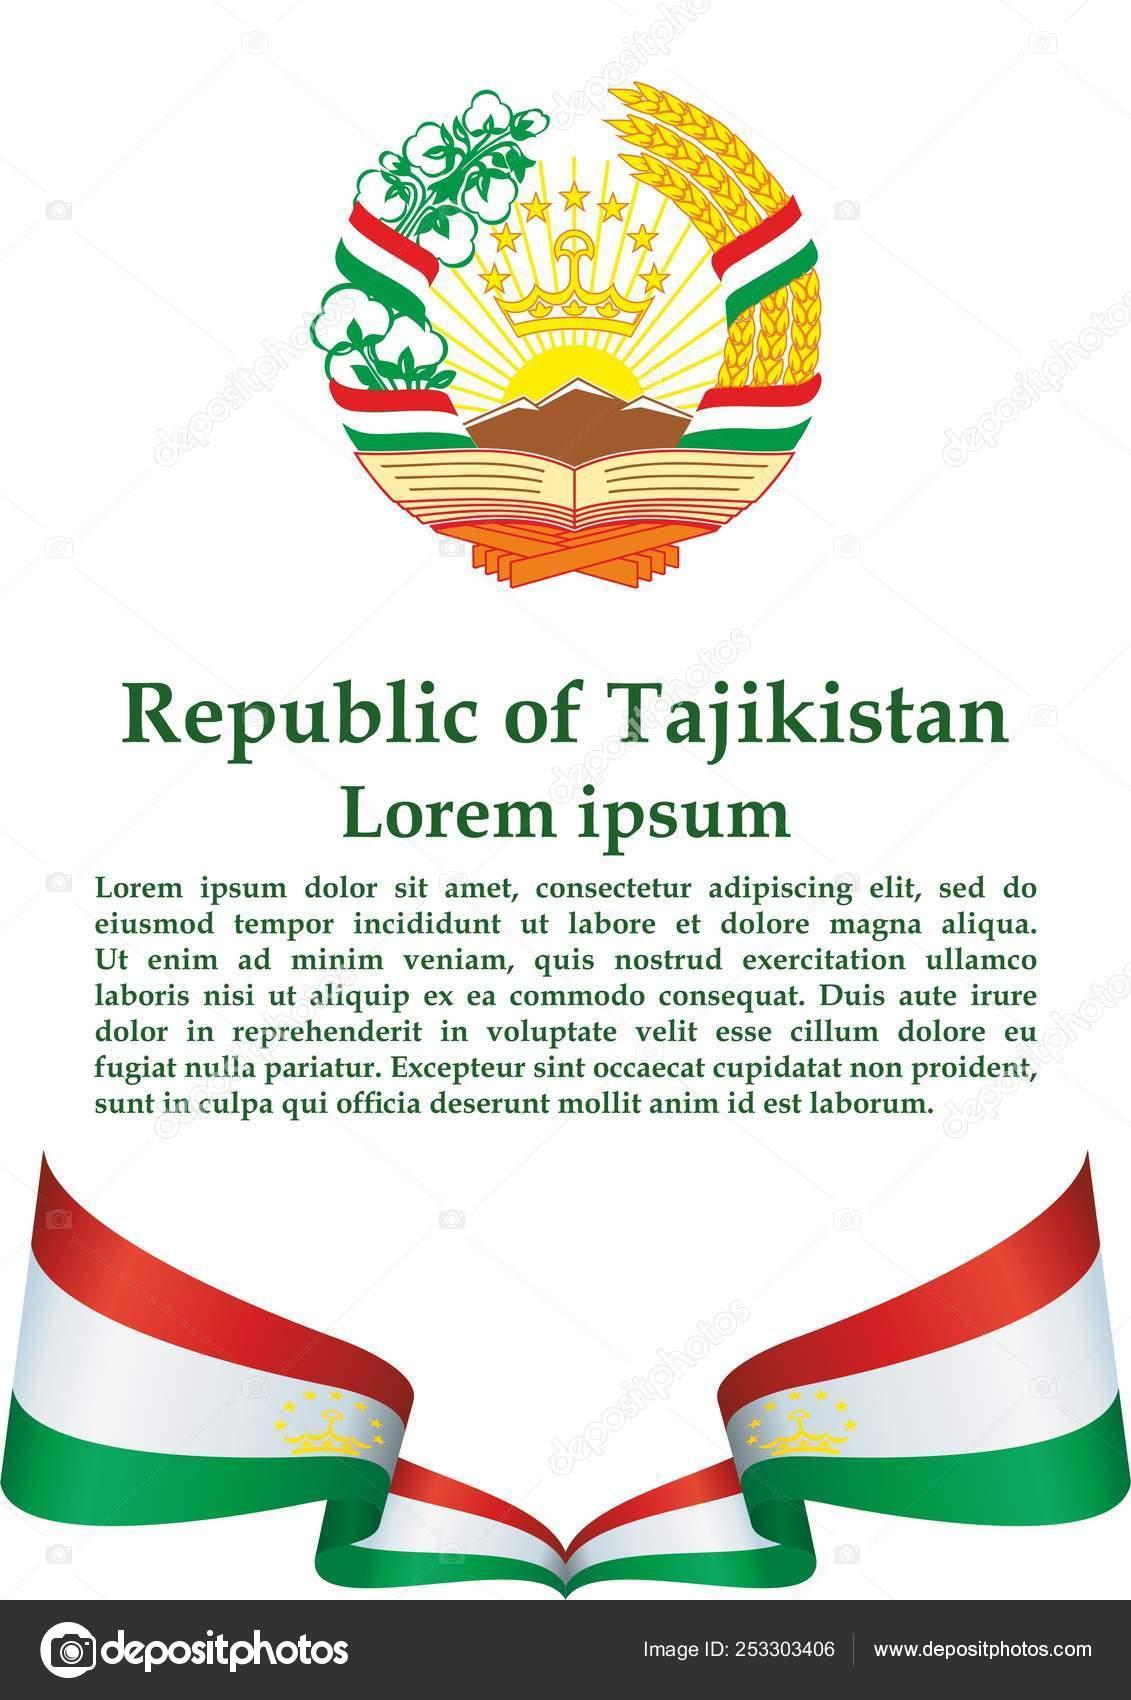 поздравление на день флага республики таджикистан всех этих довольно